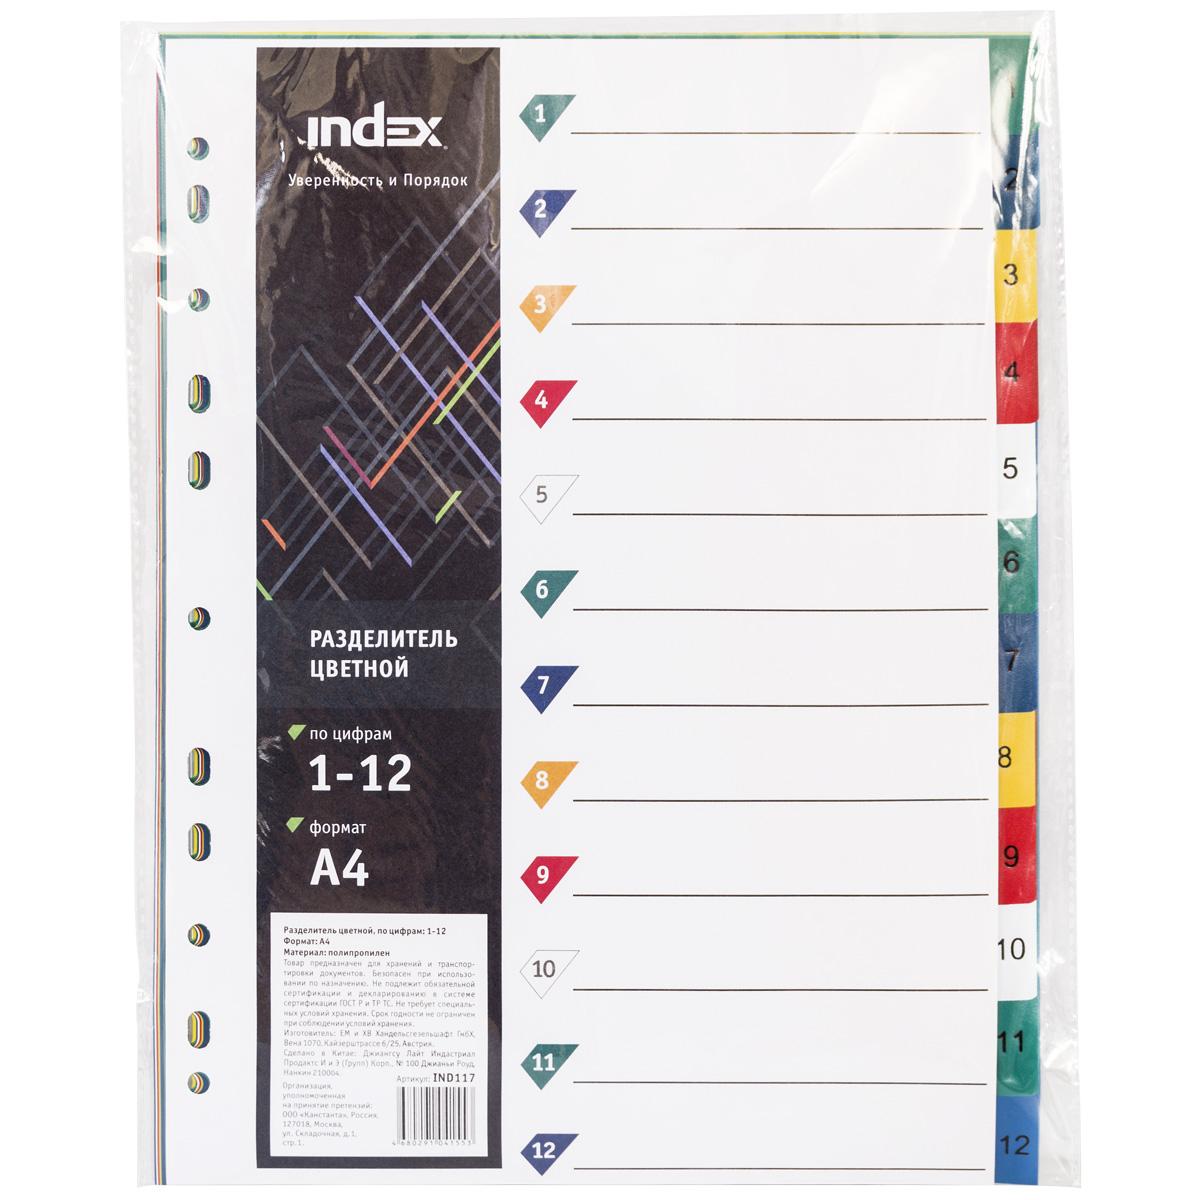 Index Разделитель цифровой 1-12 А4